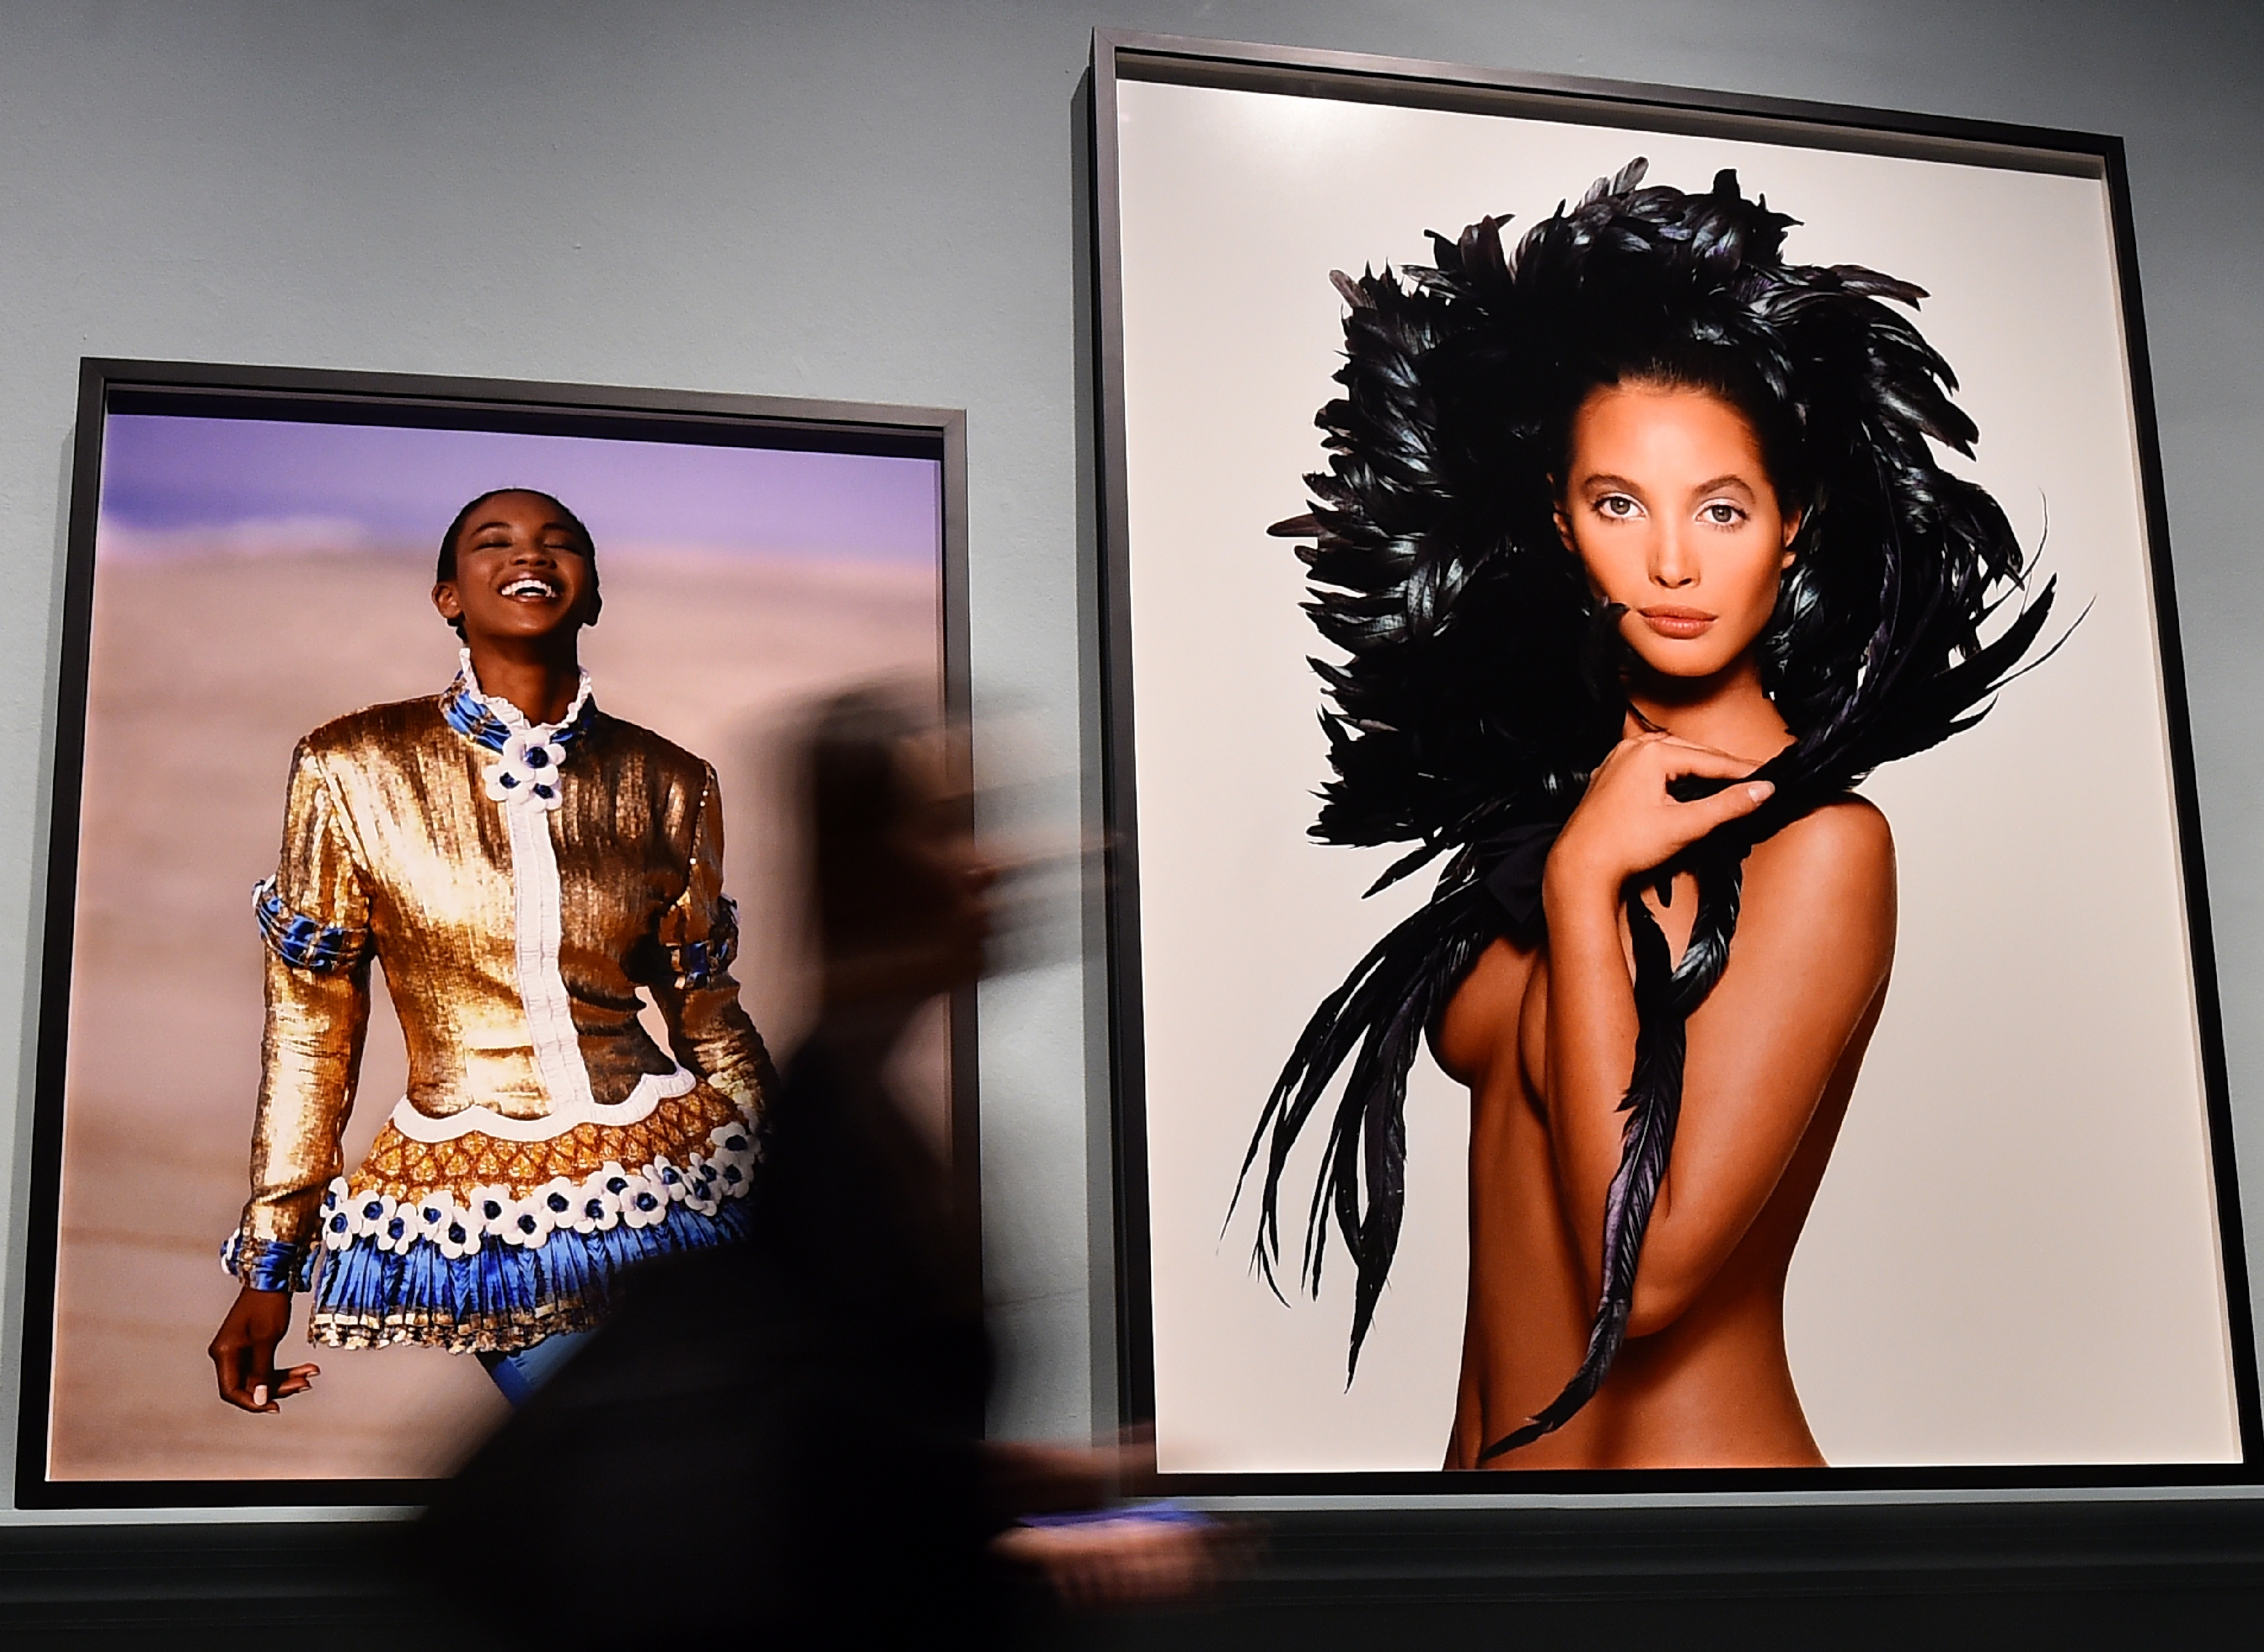 Diana hercegnő fotósa is zaklatta modelljeit a Spotlight oknyomozócsoport szerint